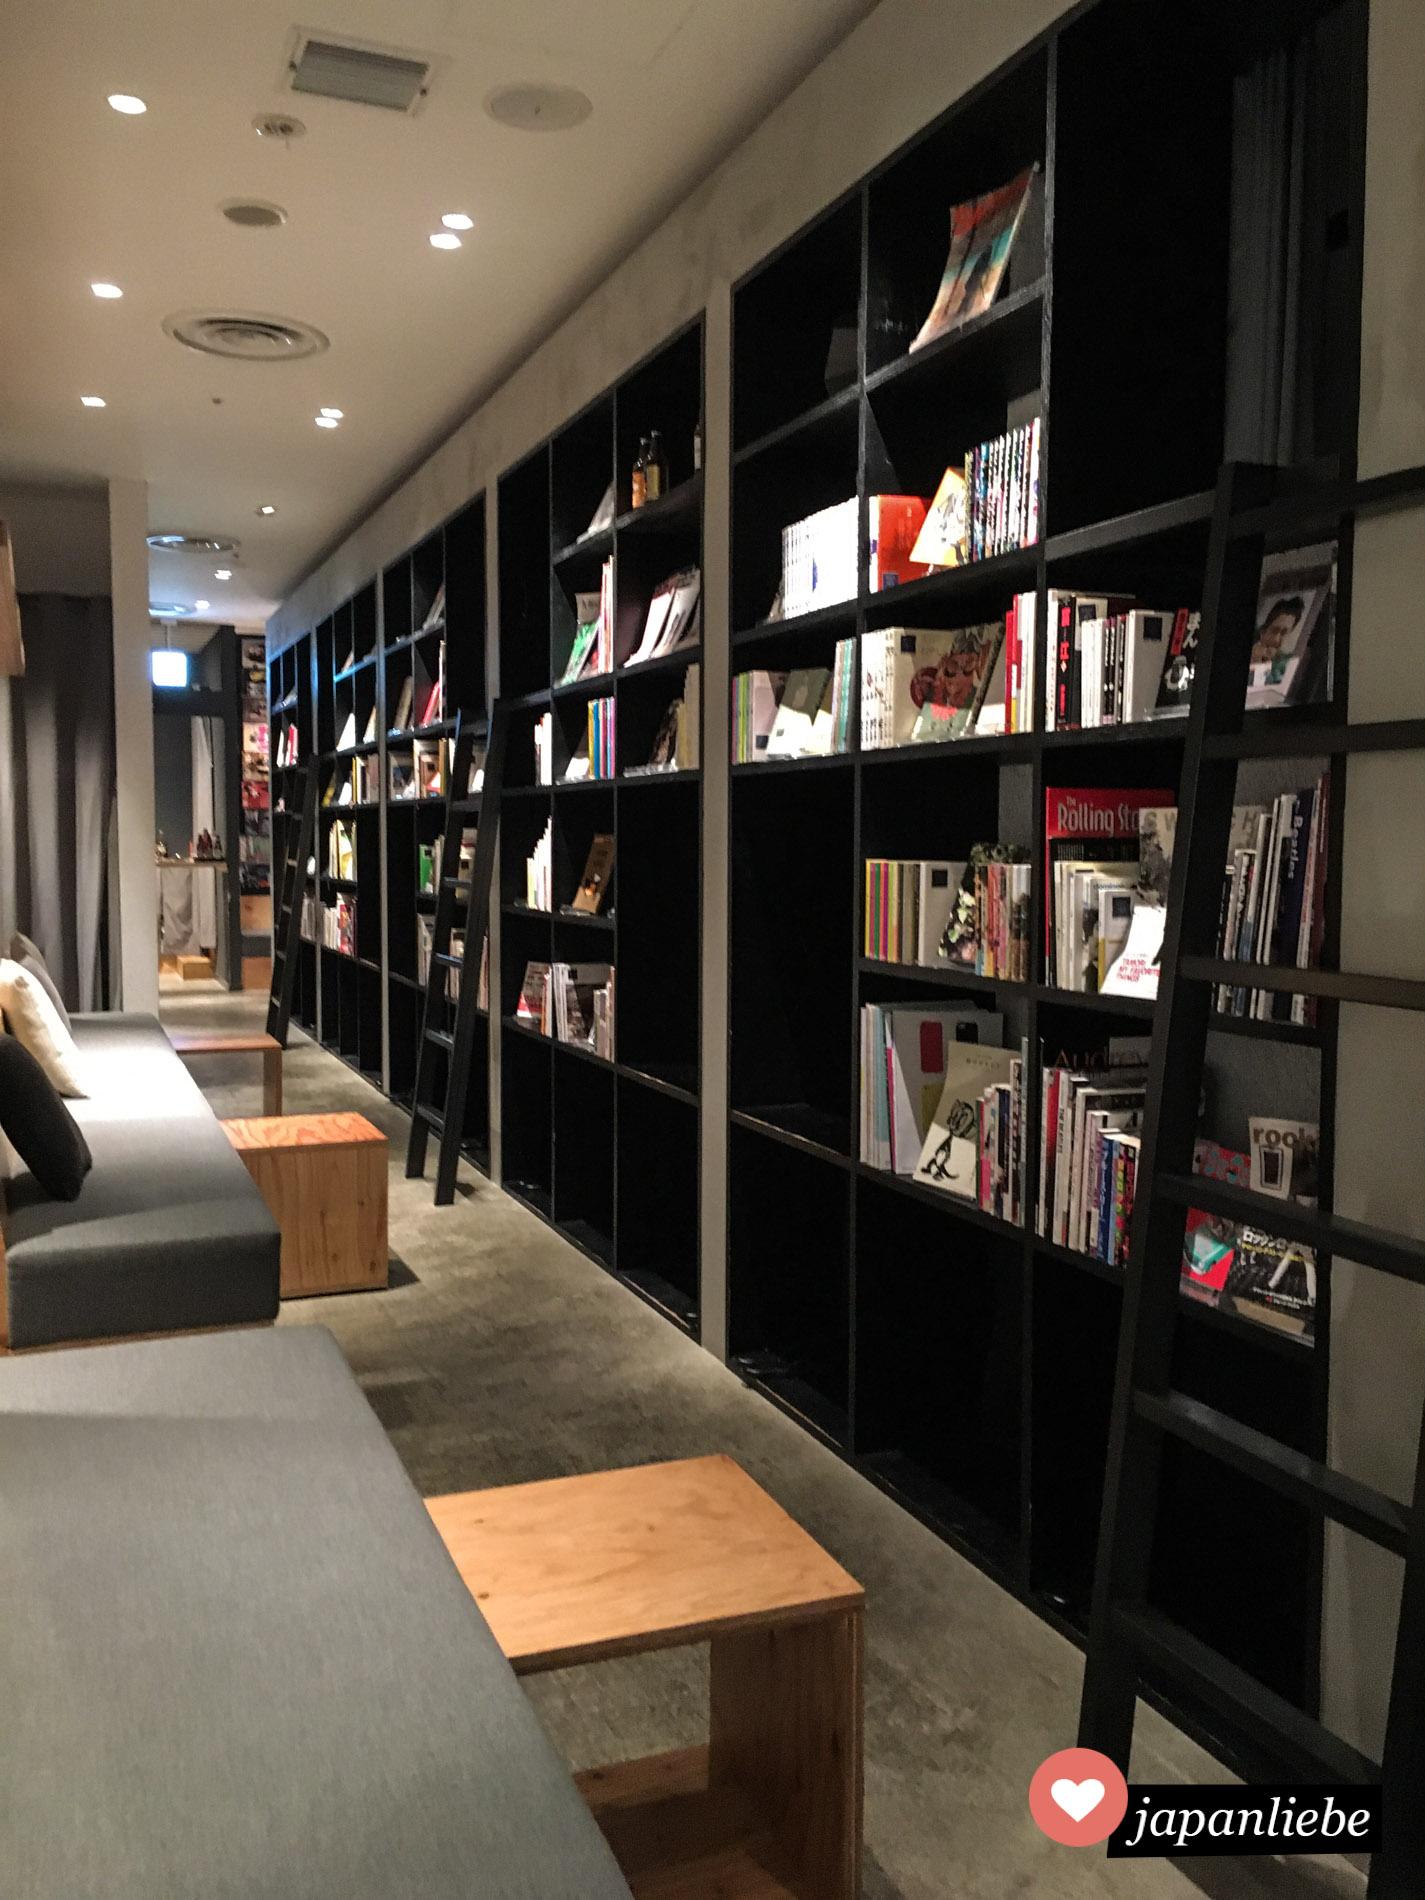 """Das """"Book & Bed Tokyo"""" sieht gewollt stylisch aus. Die meisten Besucher schießen eine Menge Fotos für Instagram."""